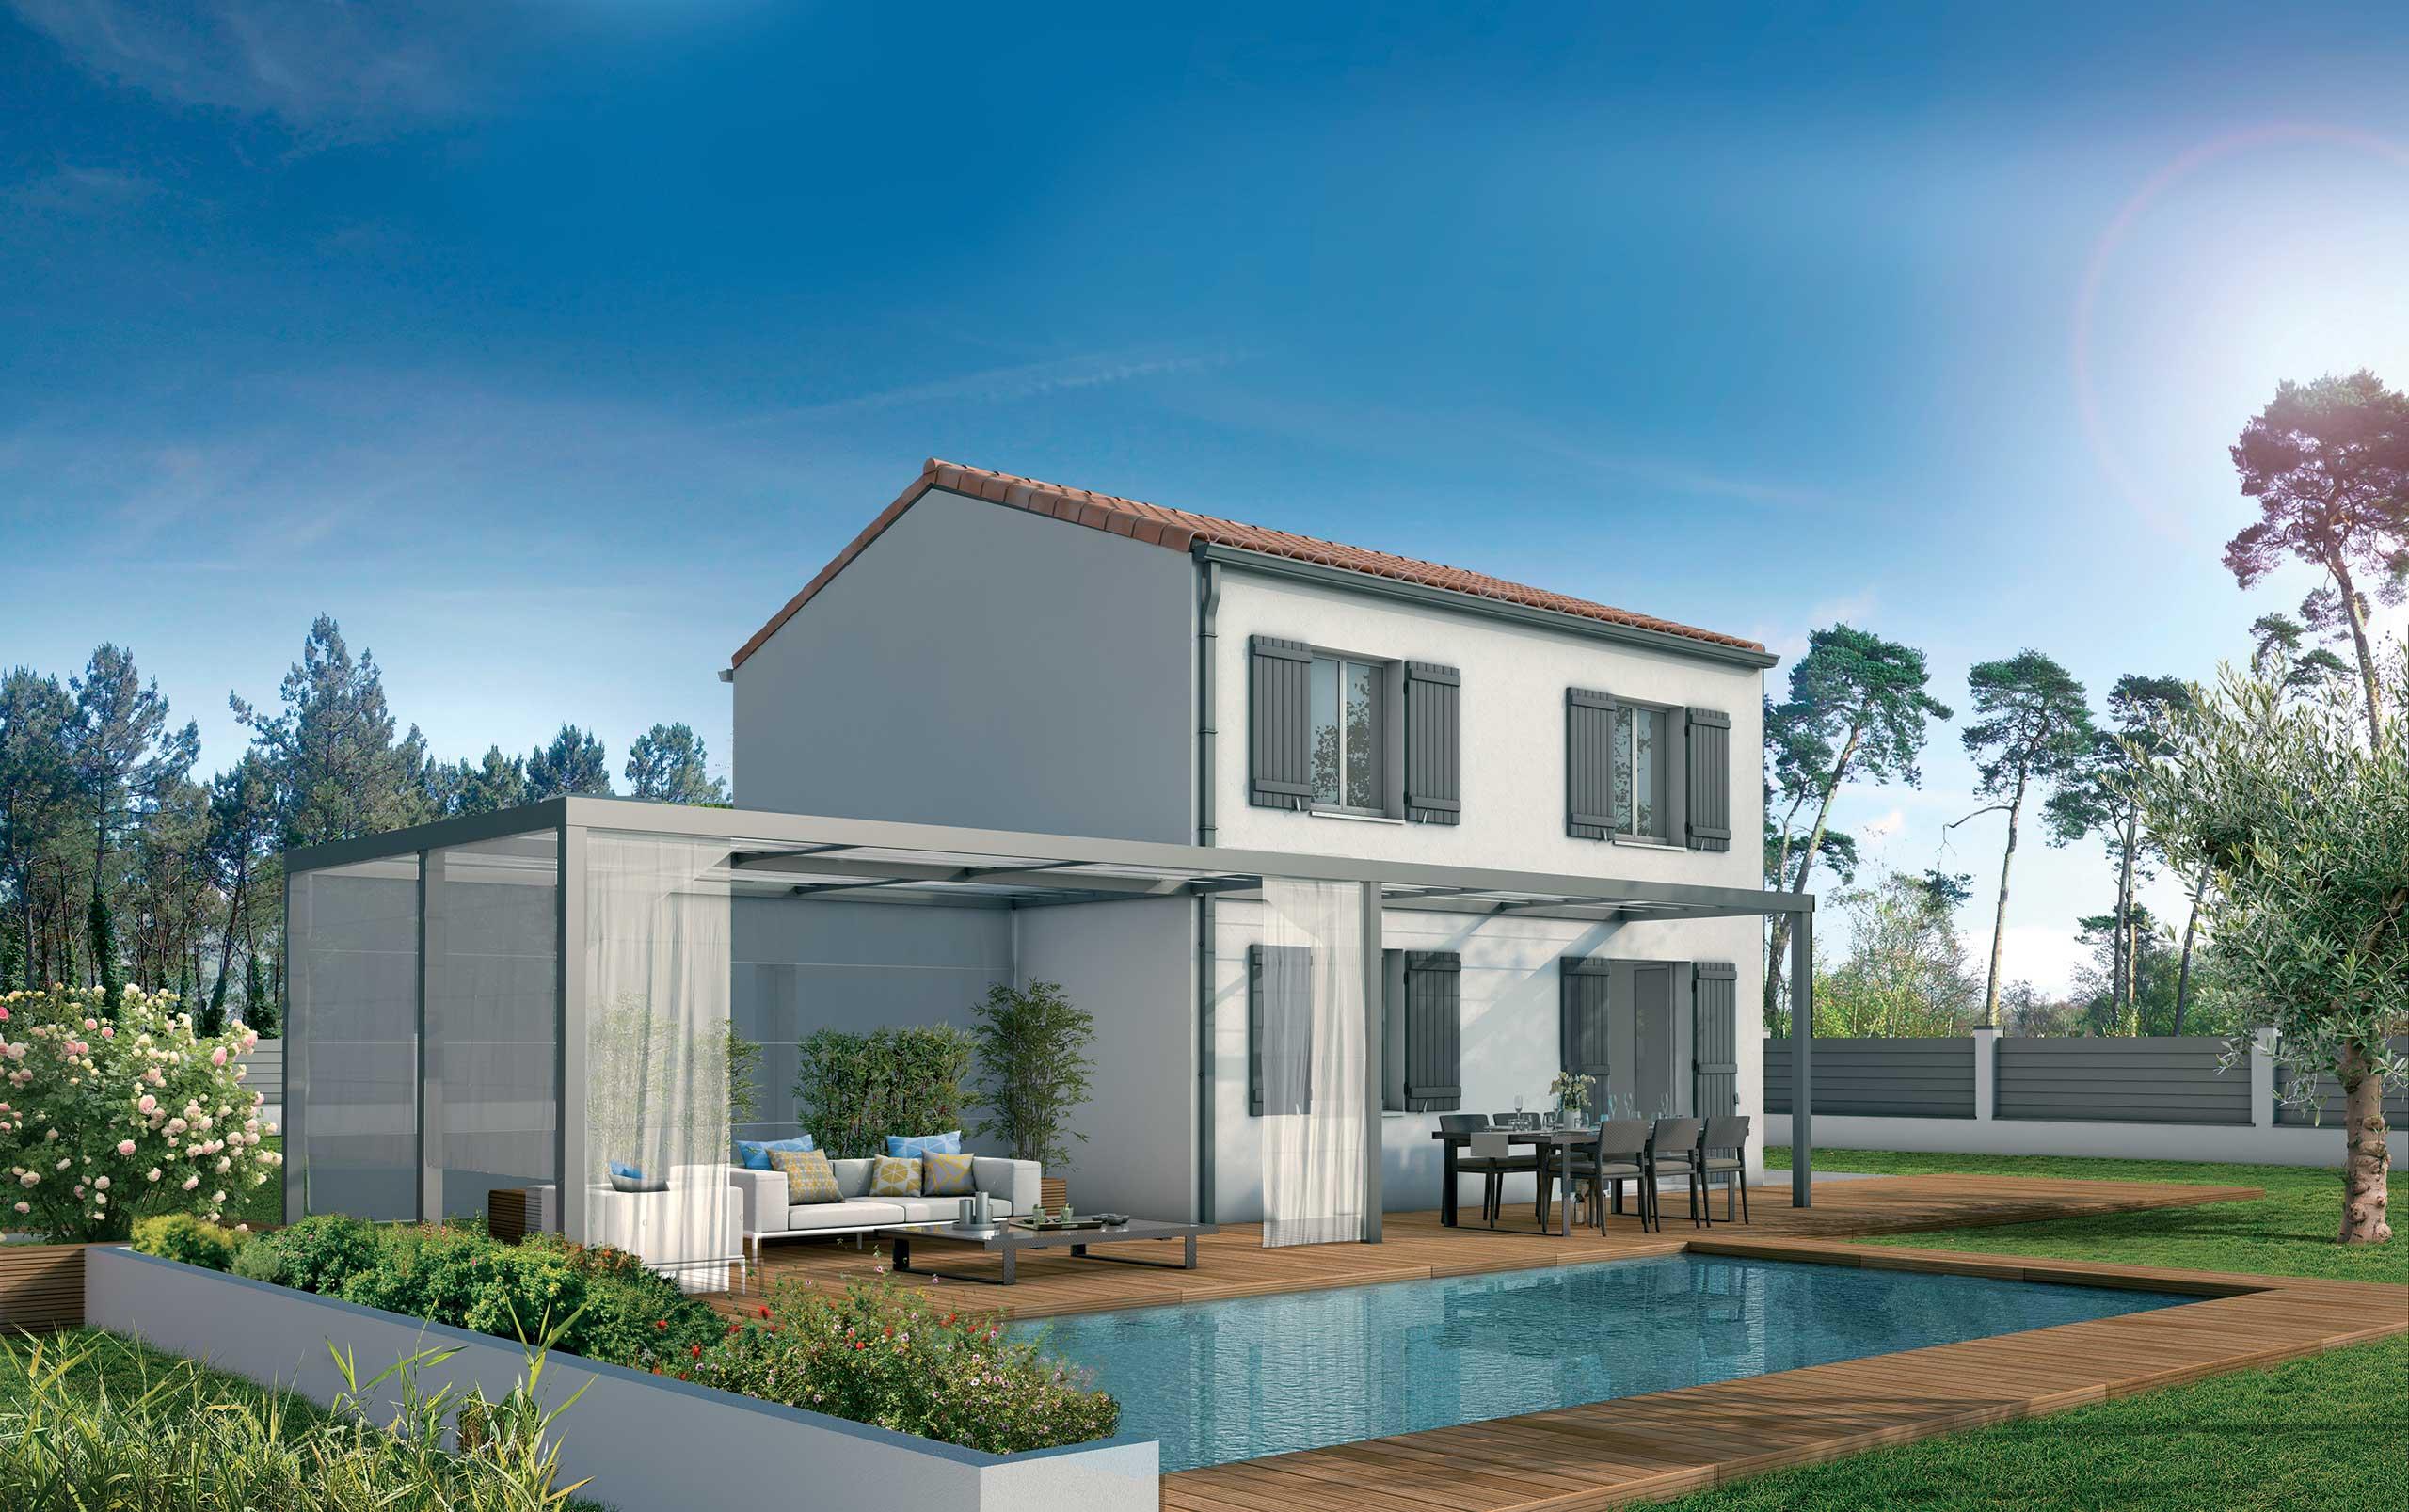 maison modèle de maison acacia : une villa fonctionnelle et confortable